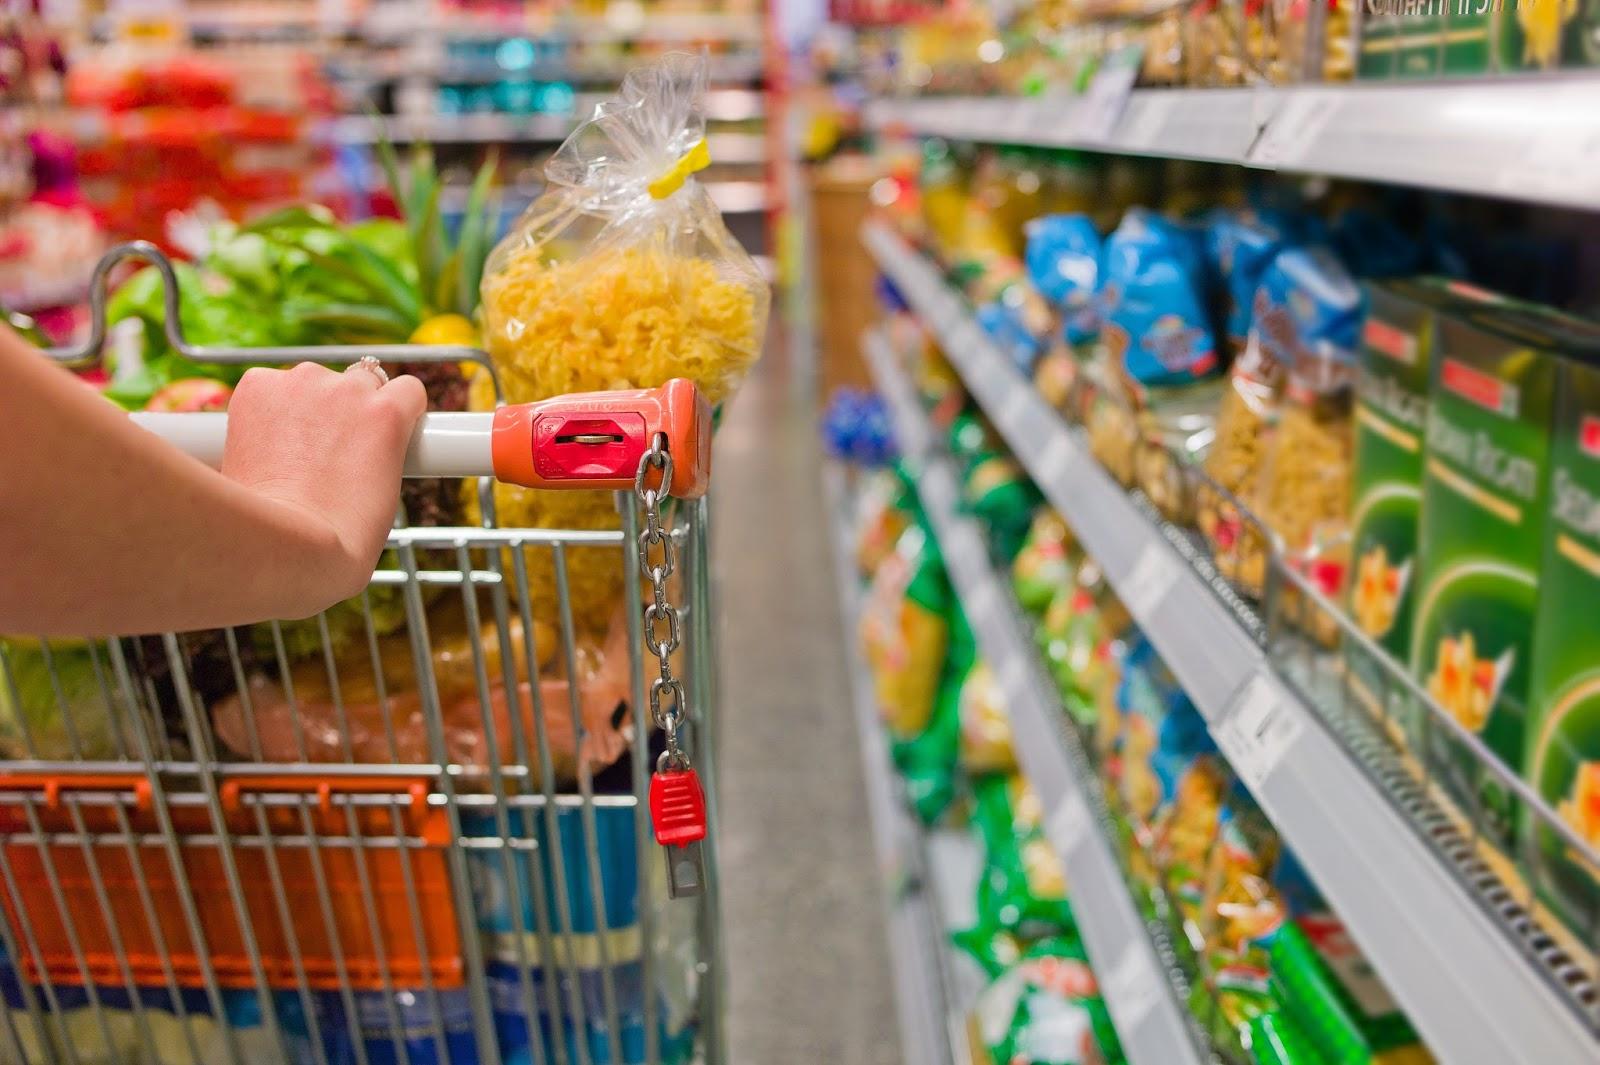 Supermercado. Foto: Divulgação